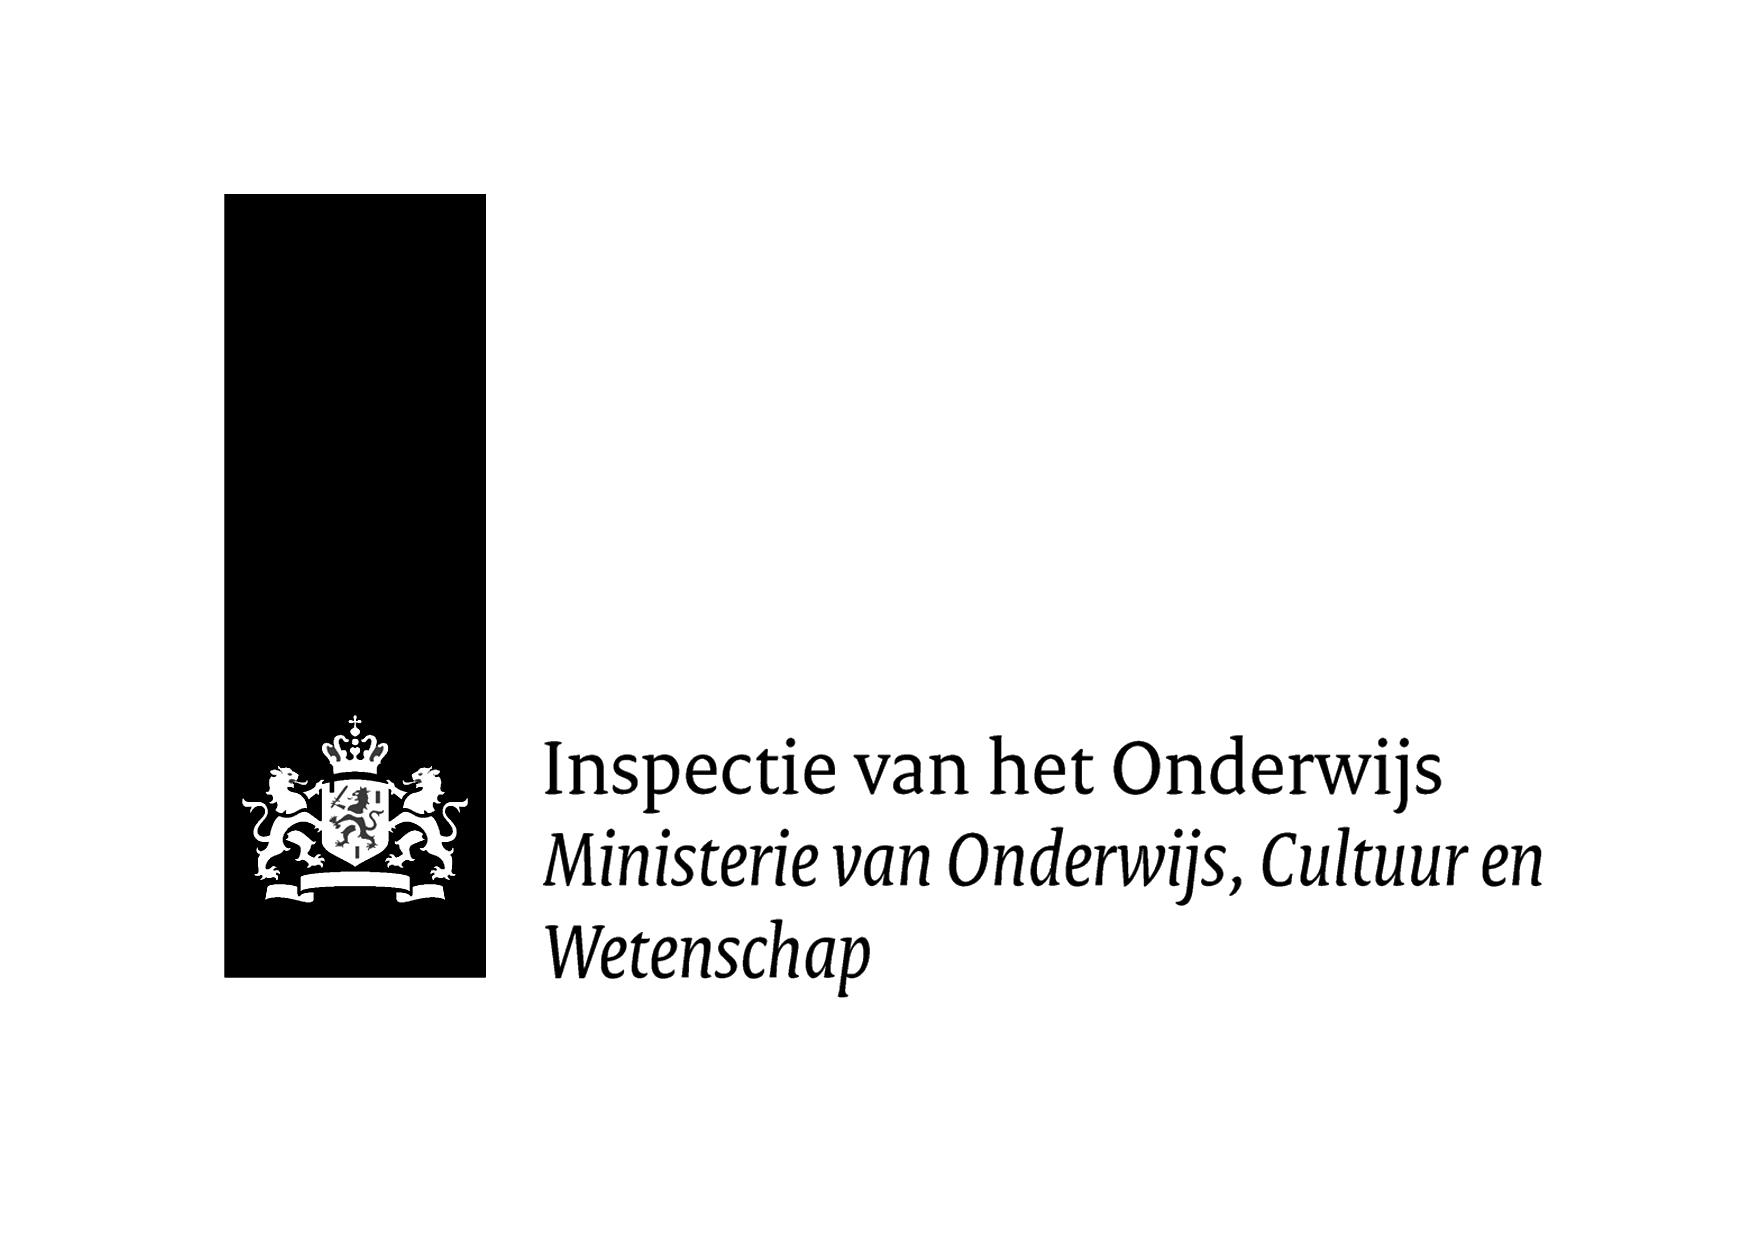 logo IvhO